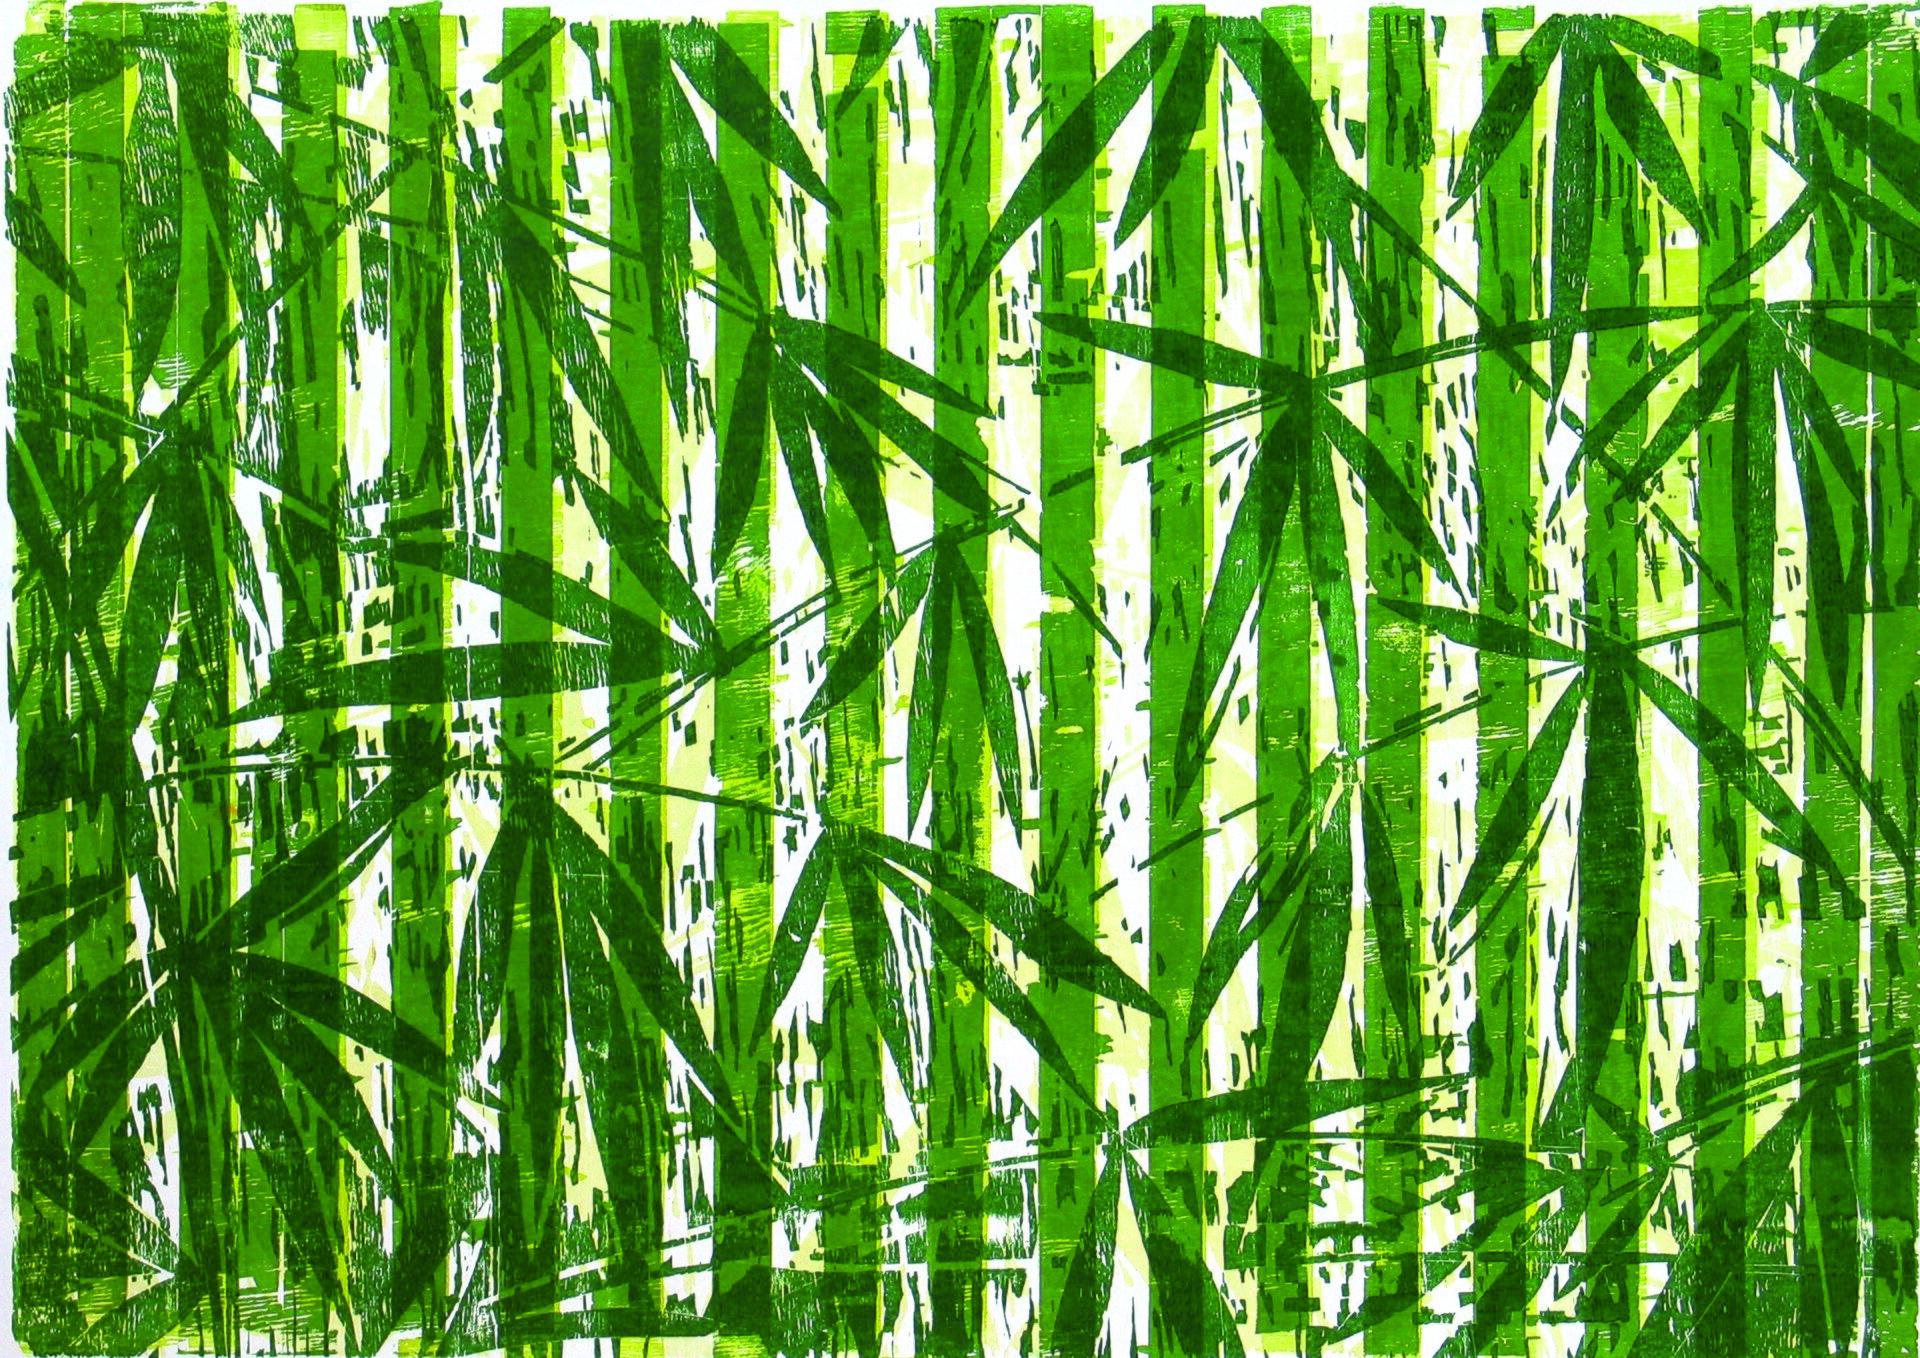 """Ilustracja przedstawia obraz """"Myitkyina"""" autorstwa Michała Rygielskiego. Praca łączy wsobie abstrakcję zmalarstwem figuratywnym. Wykonana wzielono-żółtej tonacji na białym tle kompozycja składa się zpionowych, jasno-zielonych pasów opłaskim kolorze, gdzieniegdzie poprzecieranych białymi izielono-żółtymi kreskami, na które autor nałożył motywy ciemno-zielonych roślin odługich liściach iwąskich łodygach. Praca przywodzi na myśl rozświetlony słońcem las tropikalny. Monochromatyczny obraz utrzymany jest wwąskiej, ciepłej gamie zieleni."""